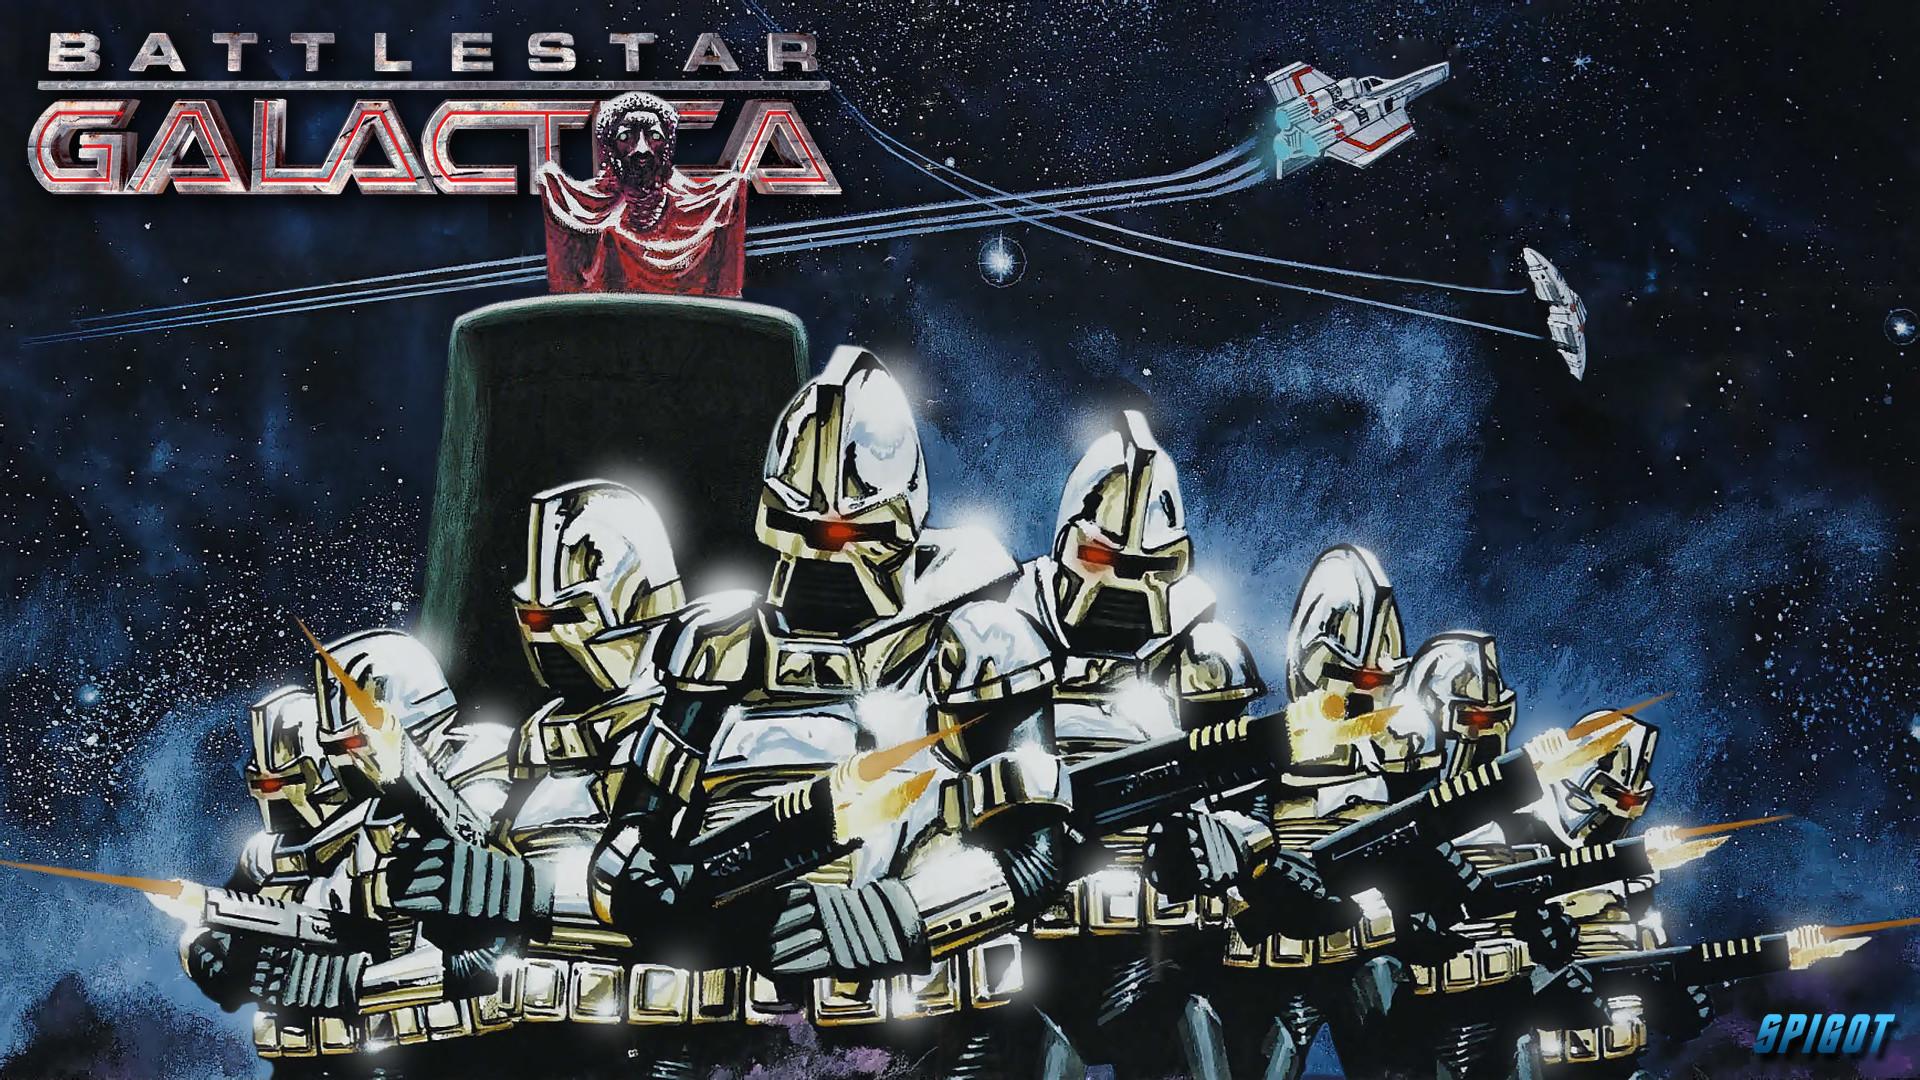 TV Show – Battlestar Galactica (1978) Wallpaper